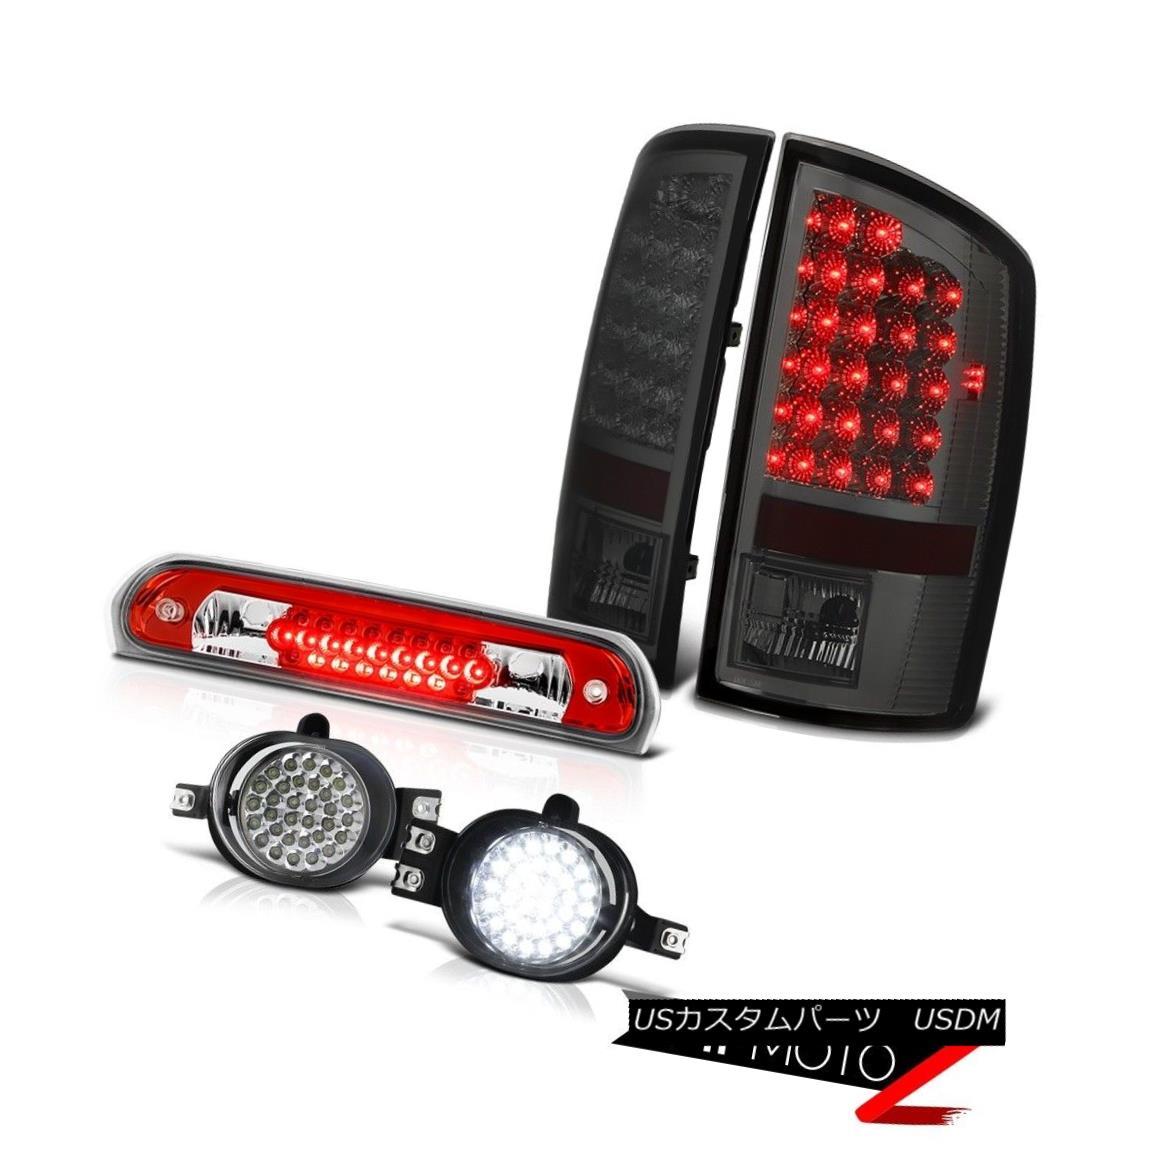 テールライト 2006 Dodge Ram PowerTech L.E.D Tail Lights Smoke LED Bumper Fog 3rd Brake Red 2006 Dodge Ram PowerTech L.E.DテールライトスモークLEDバンパーフォグ3rdブレーキ赤